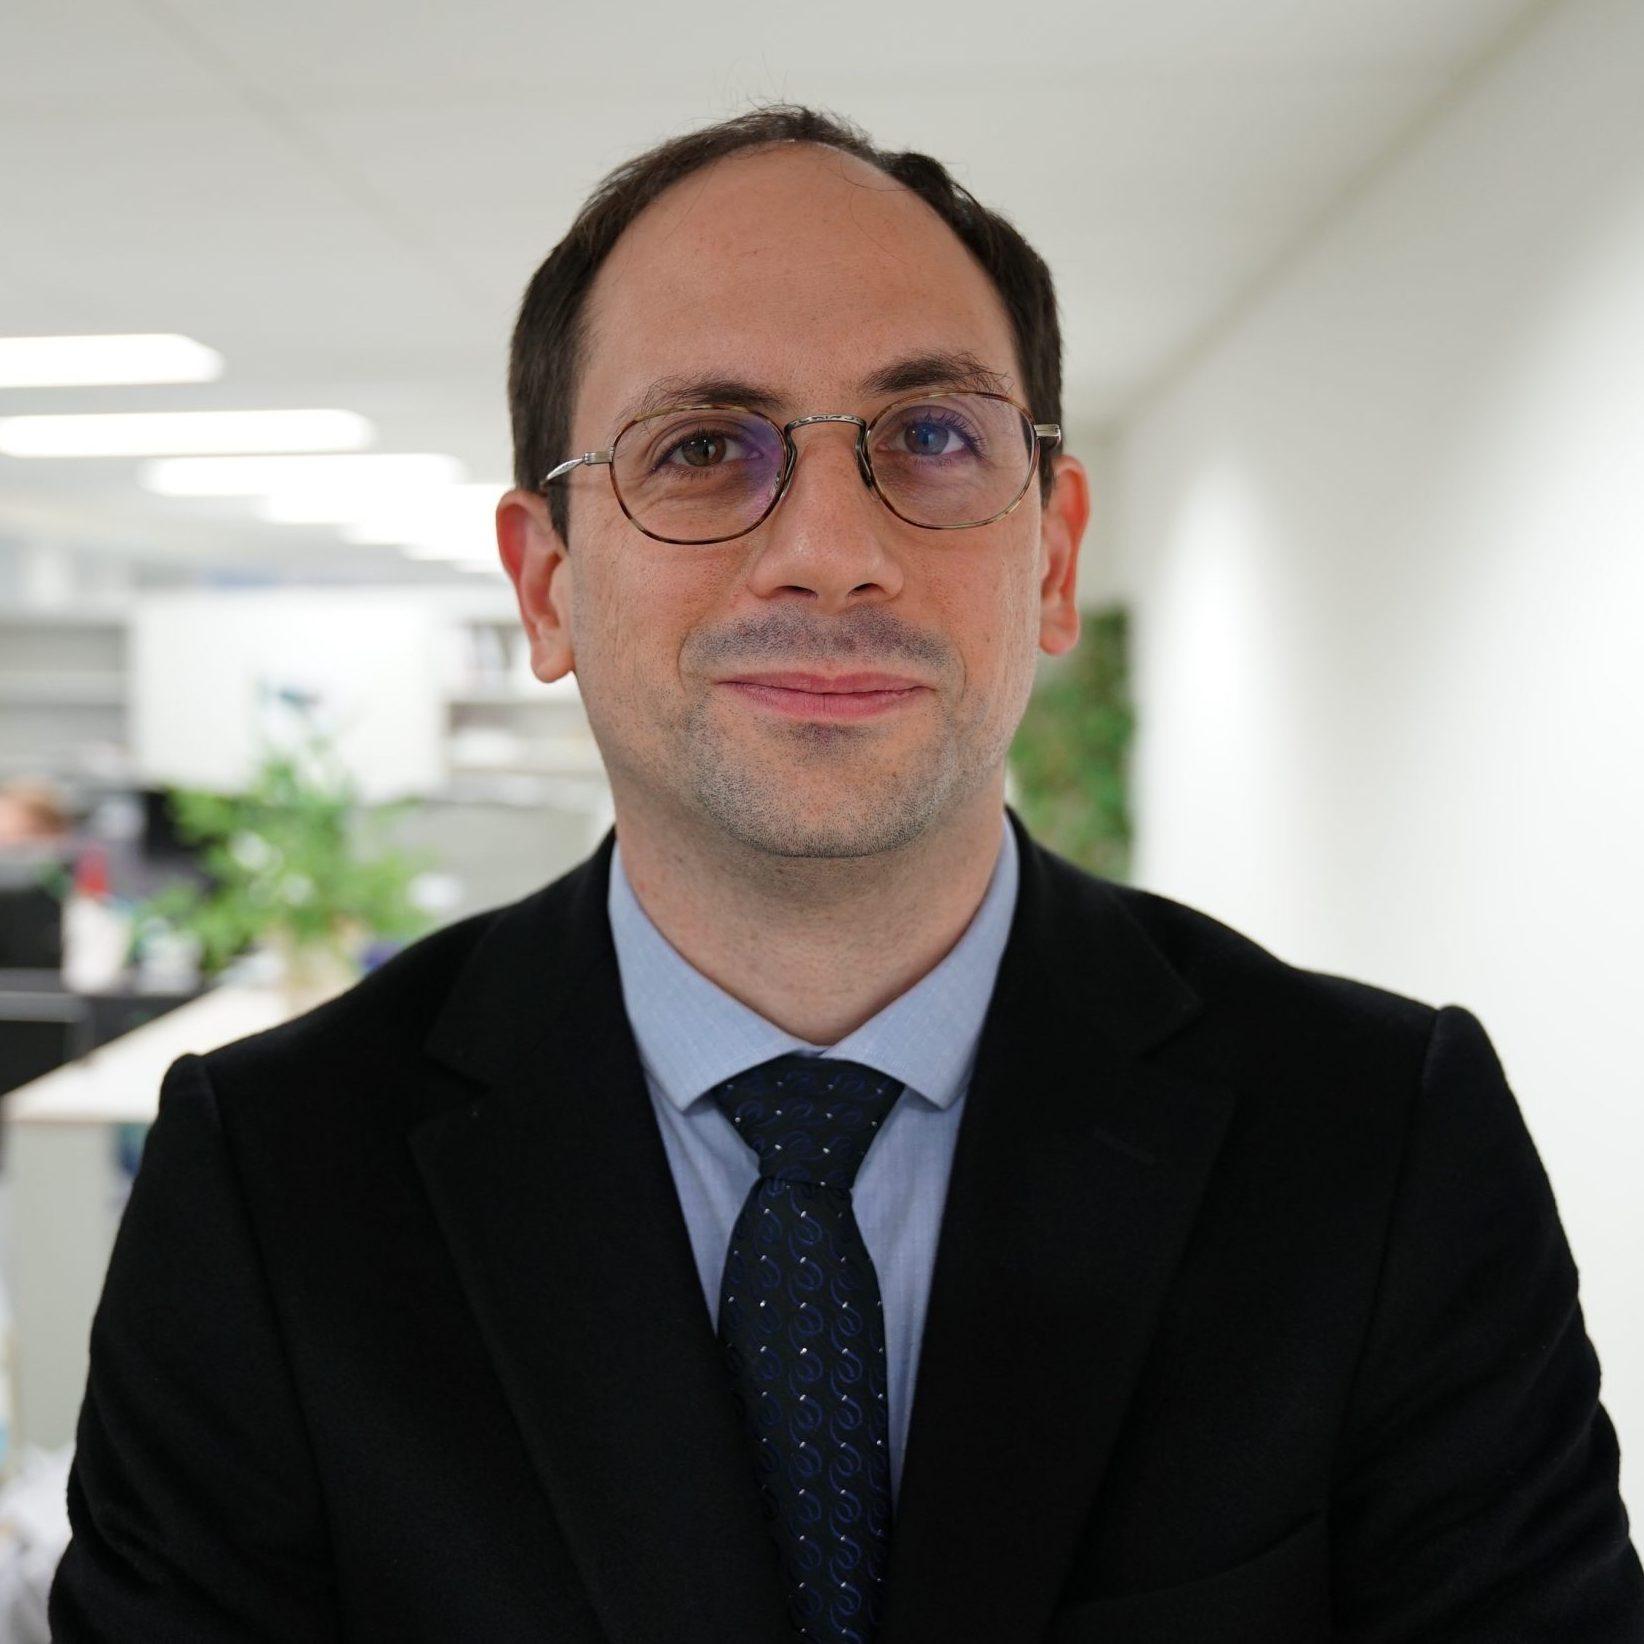 Matthew Wittenstein